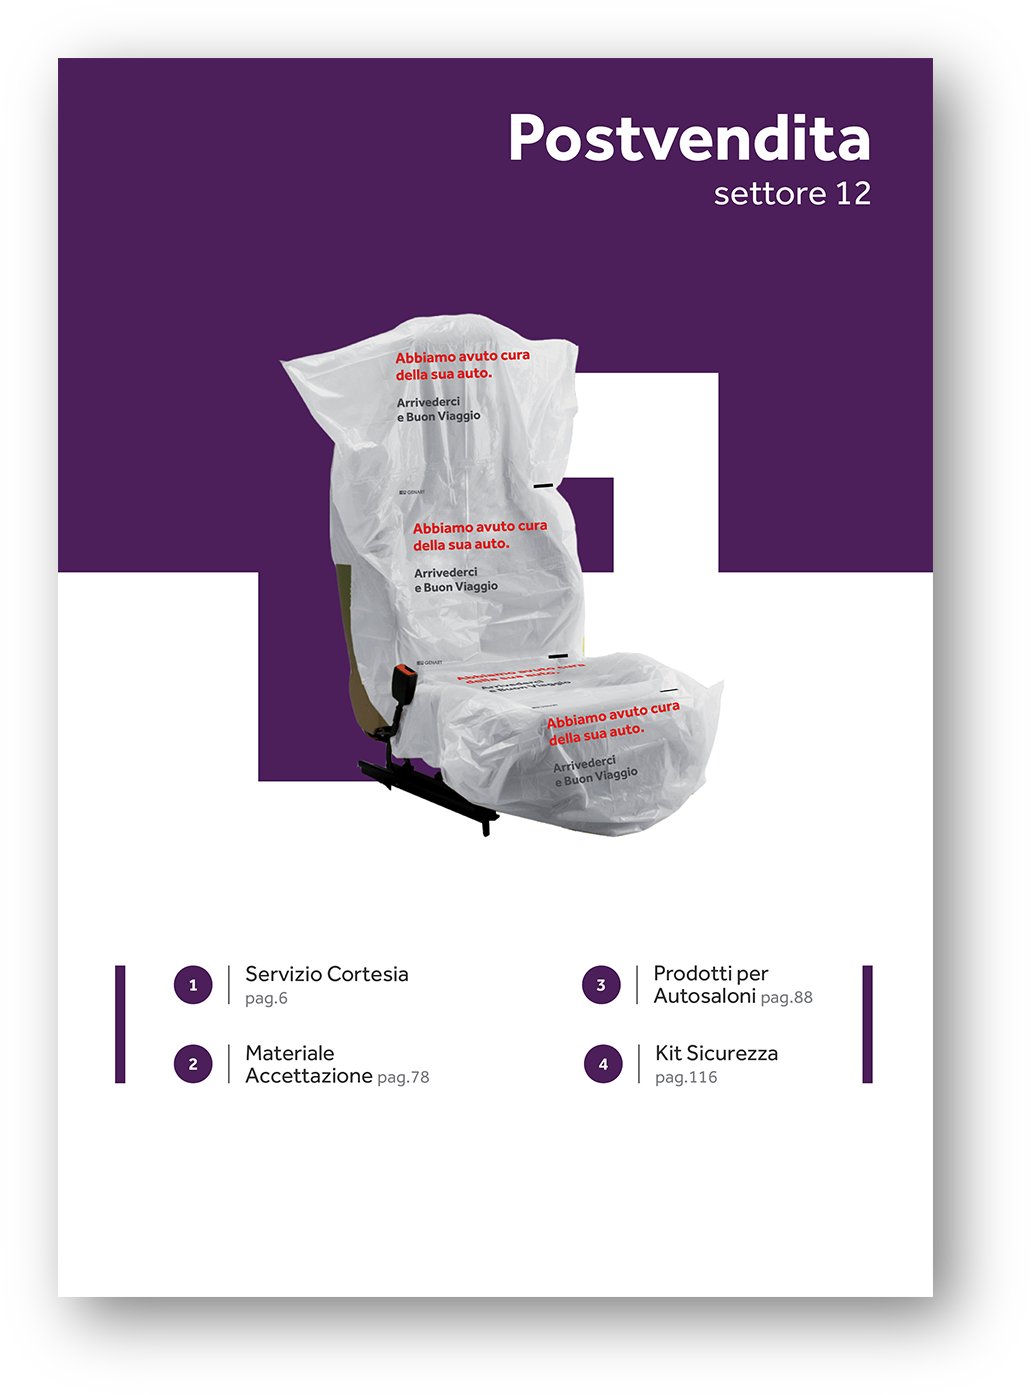 accettazione autosaloni concessionarie materiale postvendita catalogo